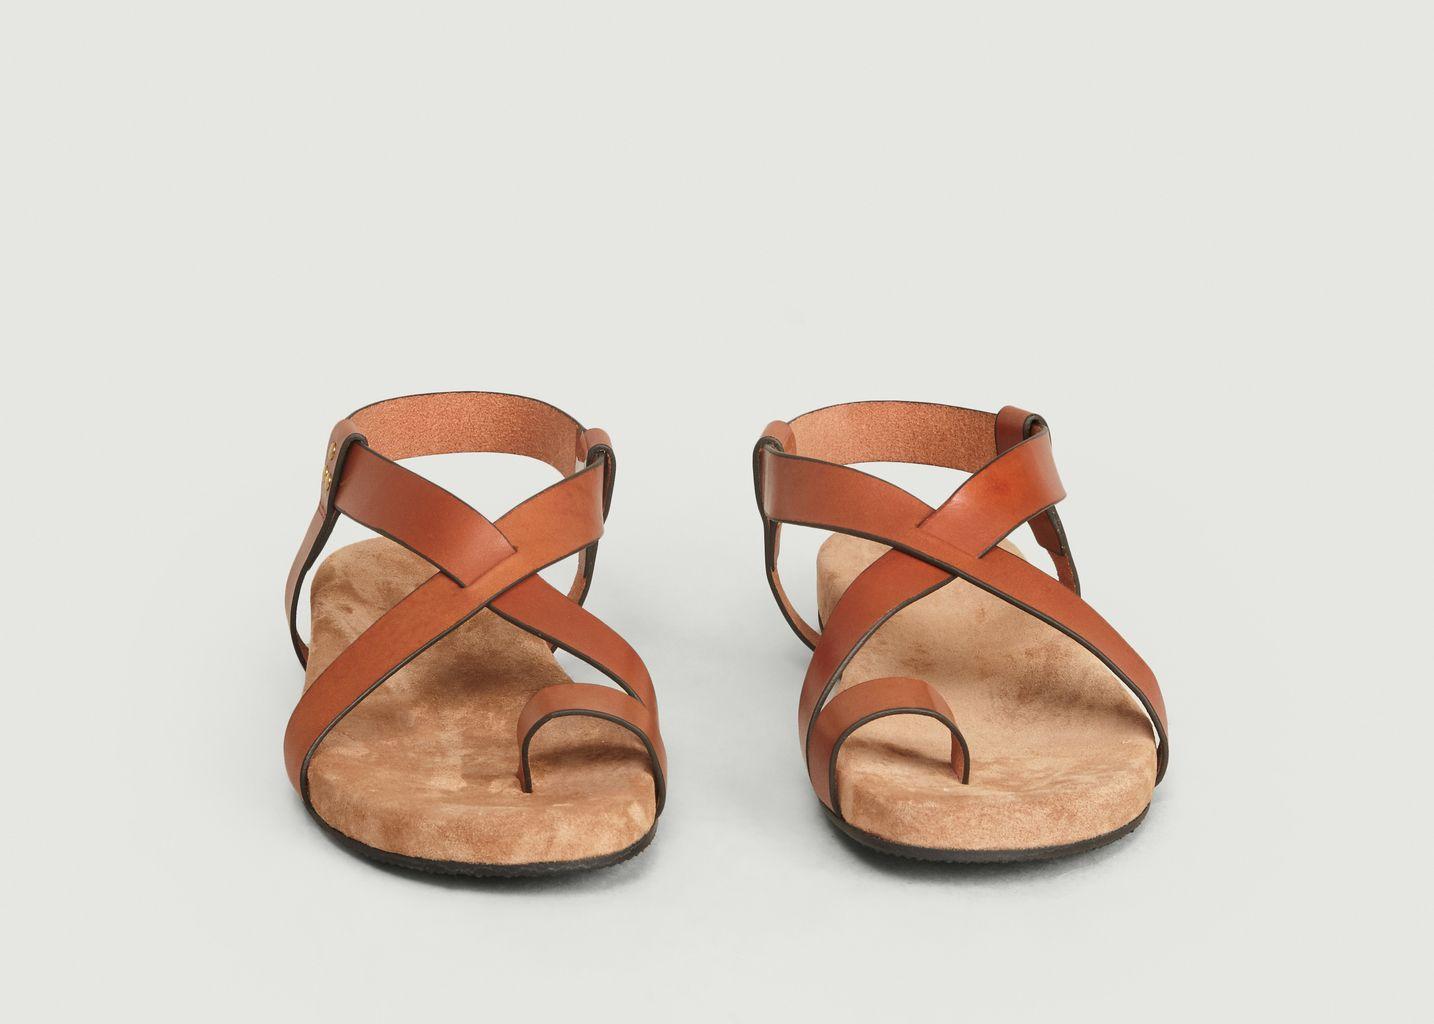 Sandales Aimon Cuir Plate Lauren Ralph Lauren doré pour